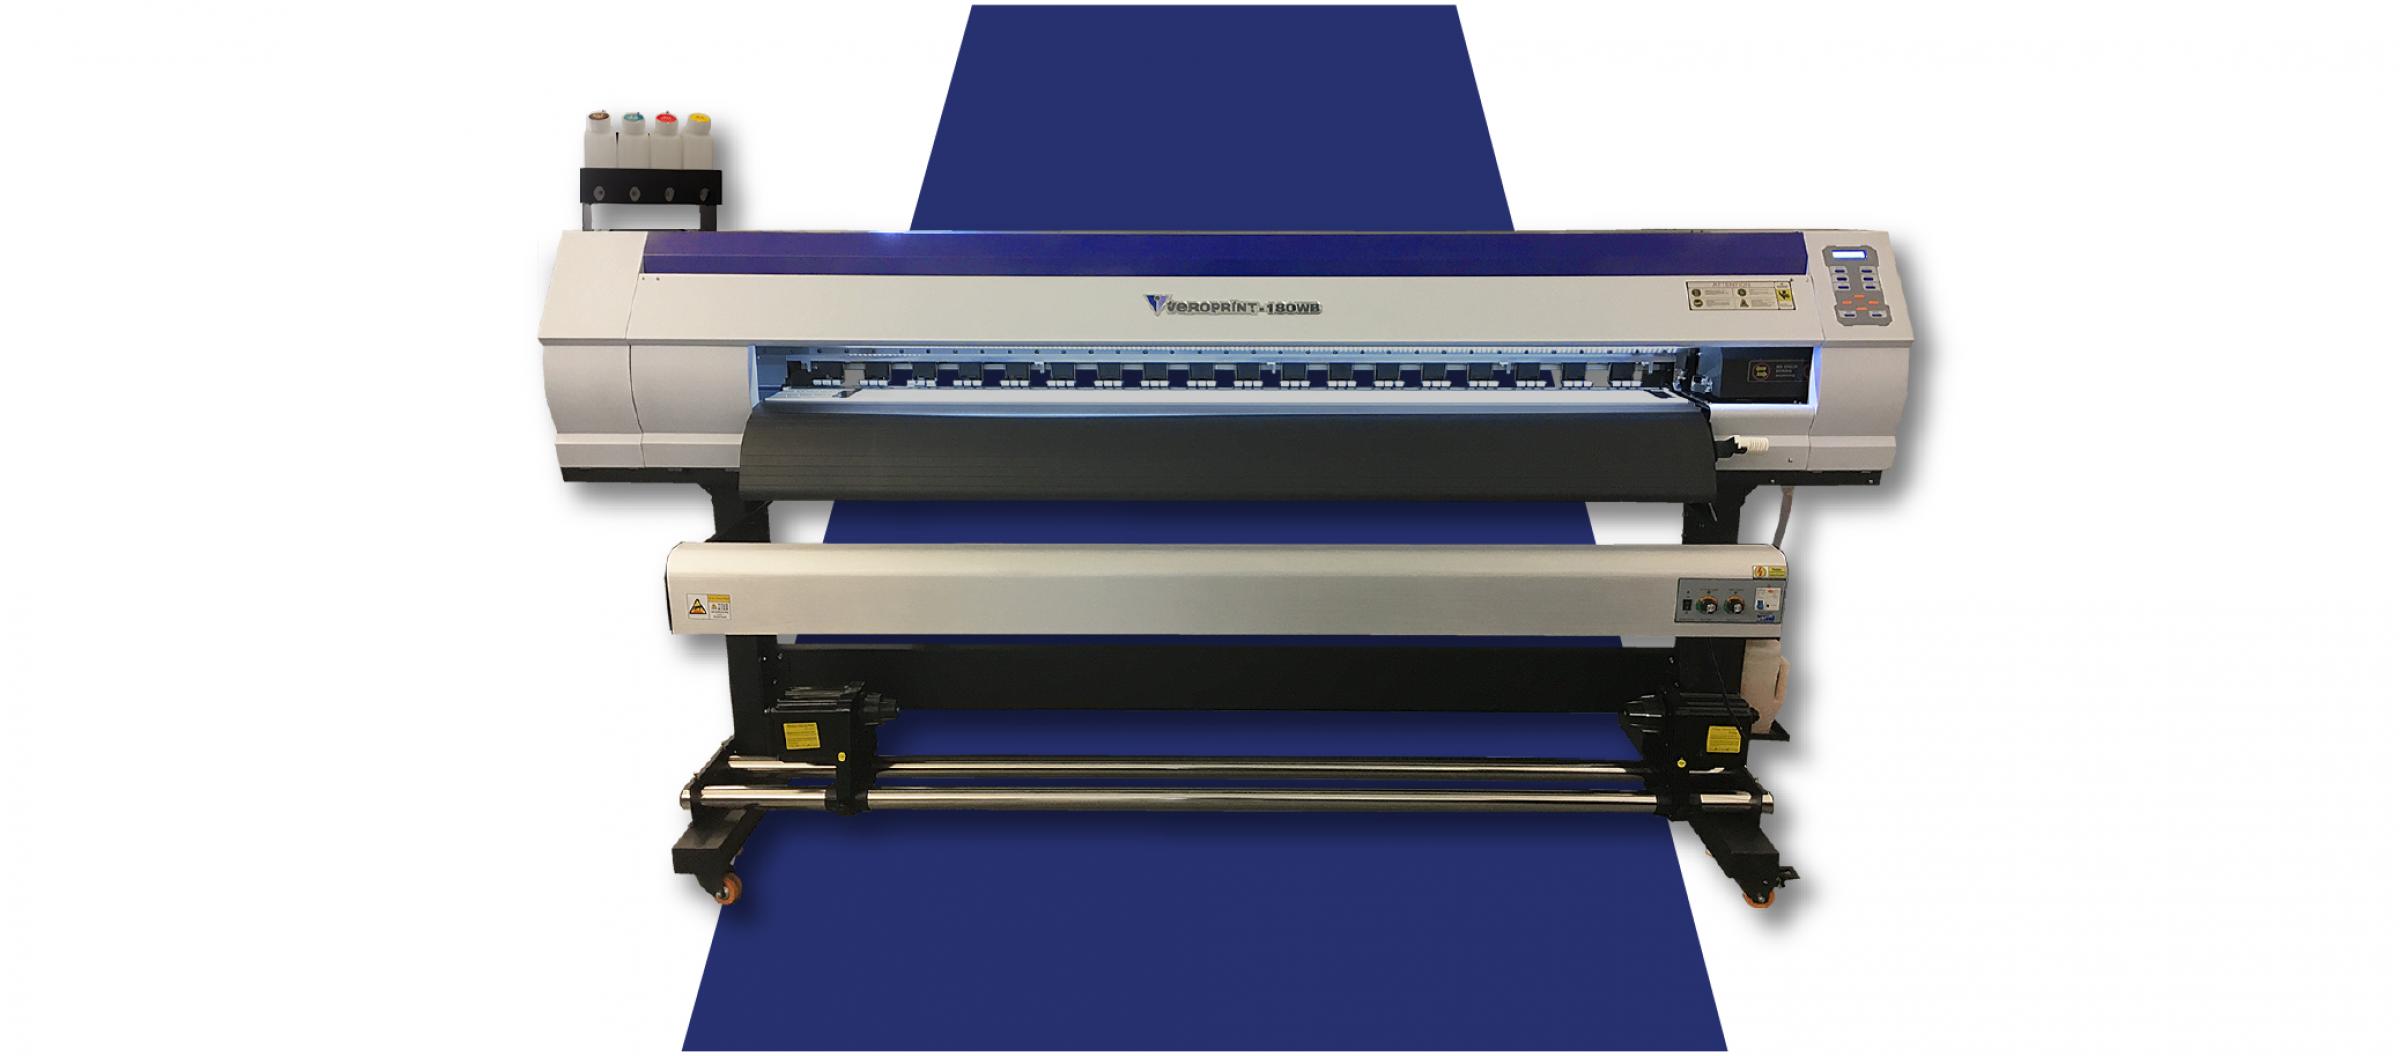 Plotter for digital printing